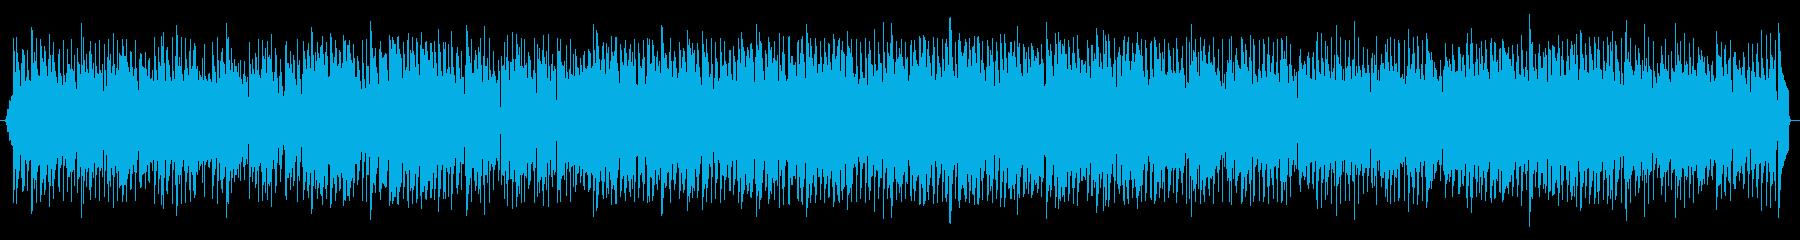 落ち着くジャズの再生済みの波形